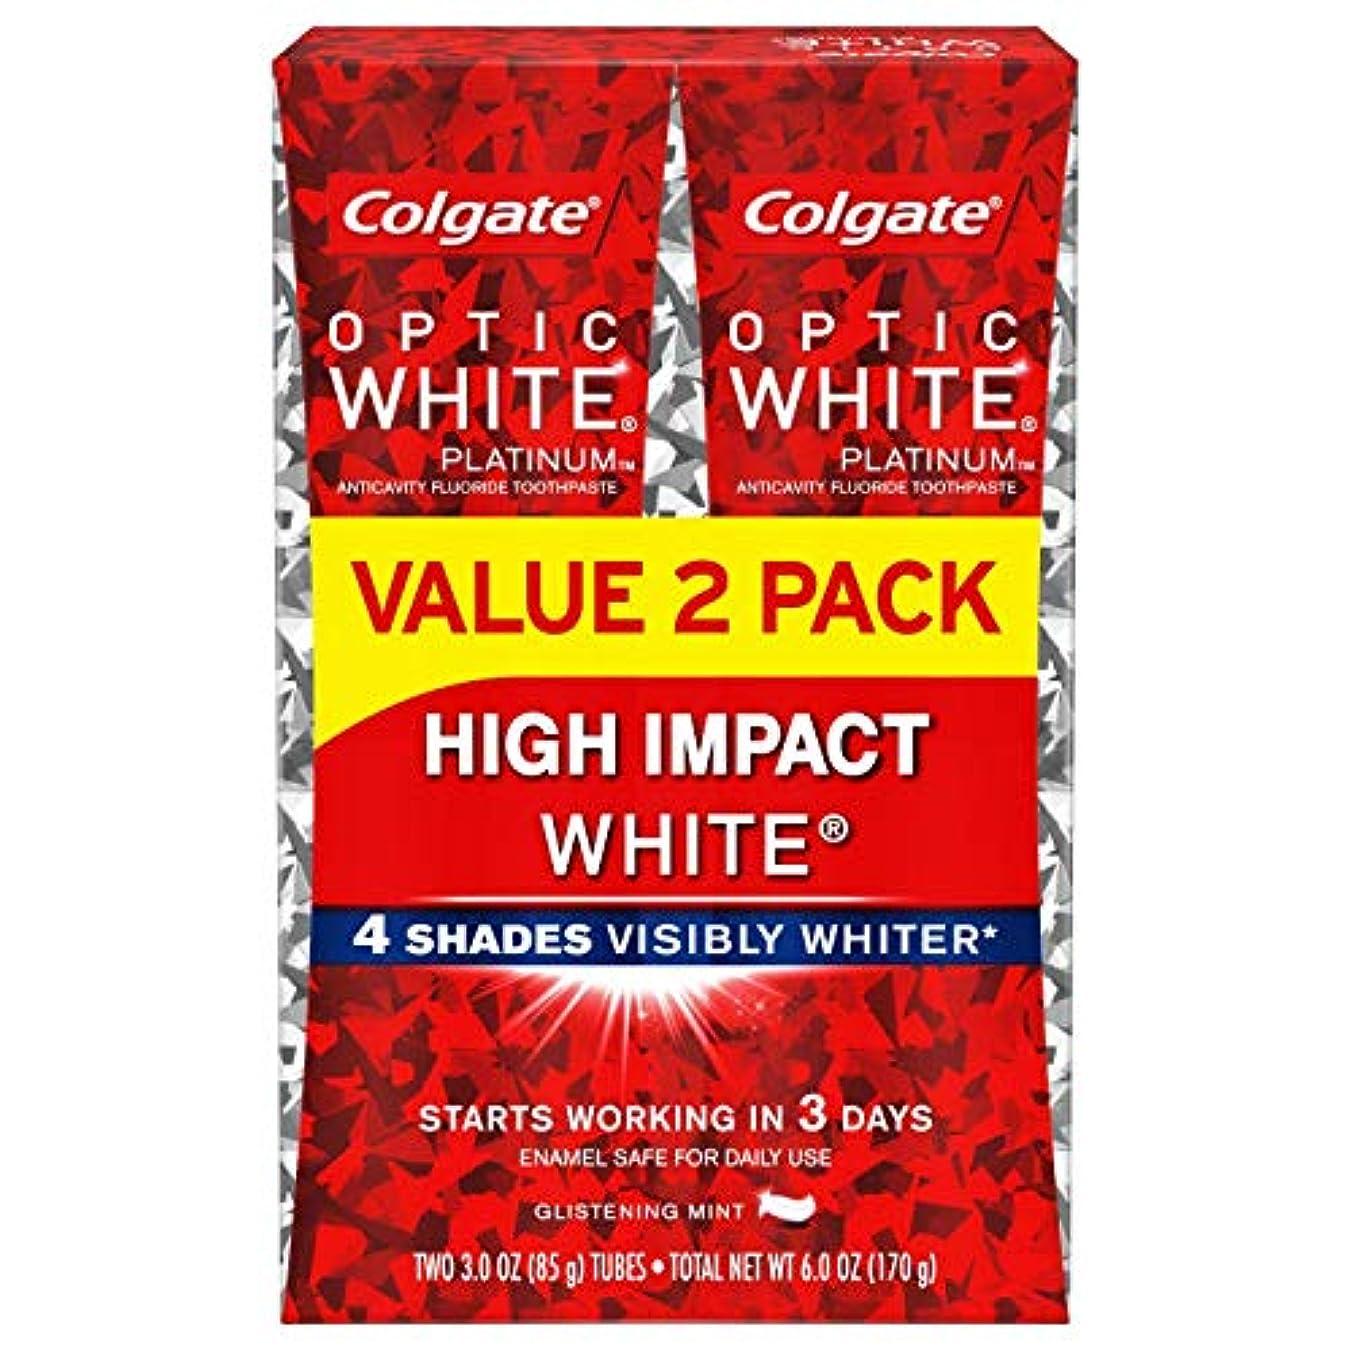 開始物語悲劇的なColgate Optic White High Impact White 練り歯磨き [並行輸入品] (2個セット)